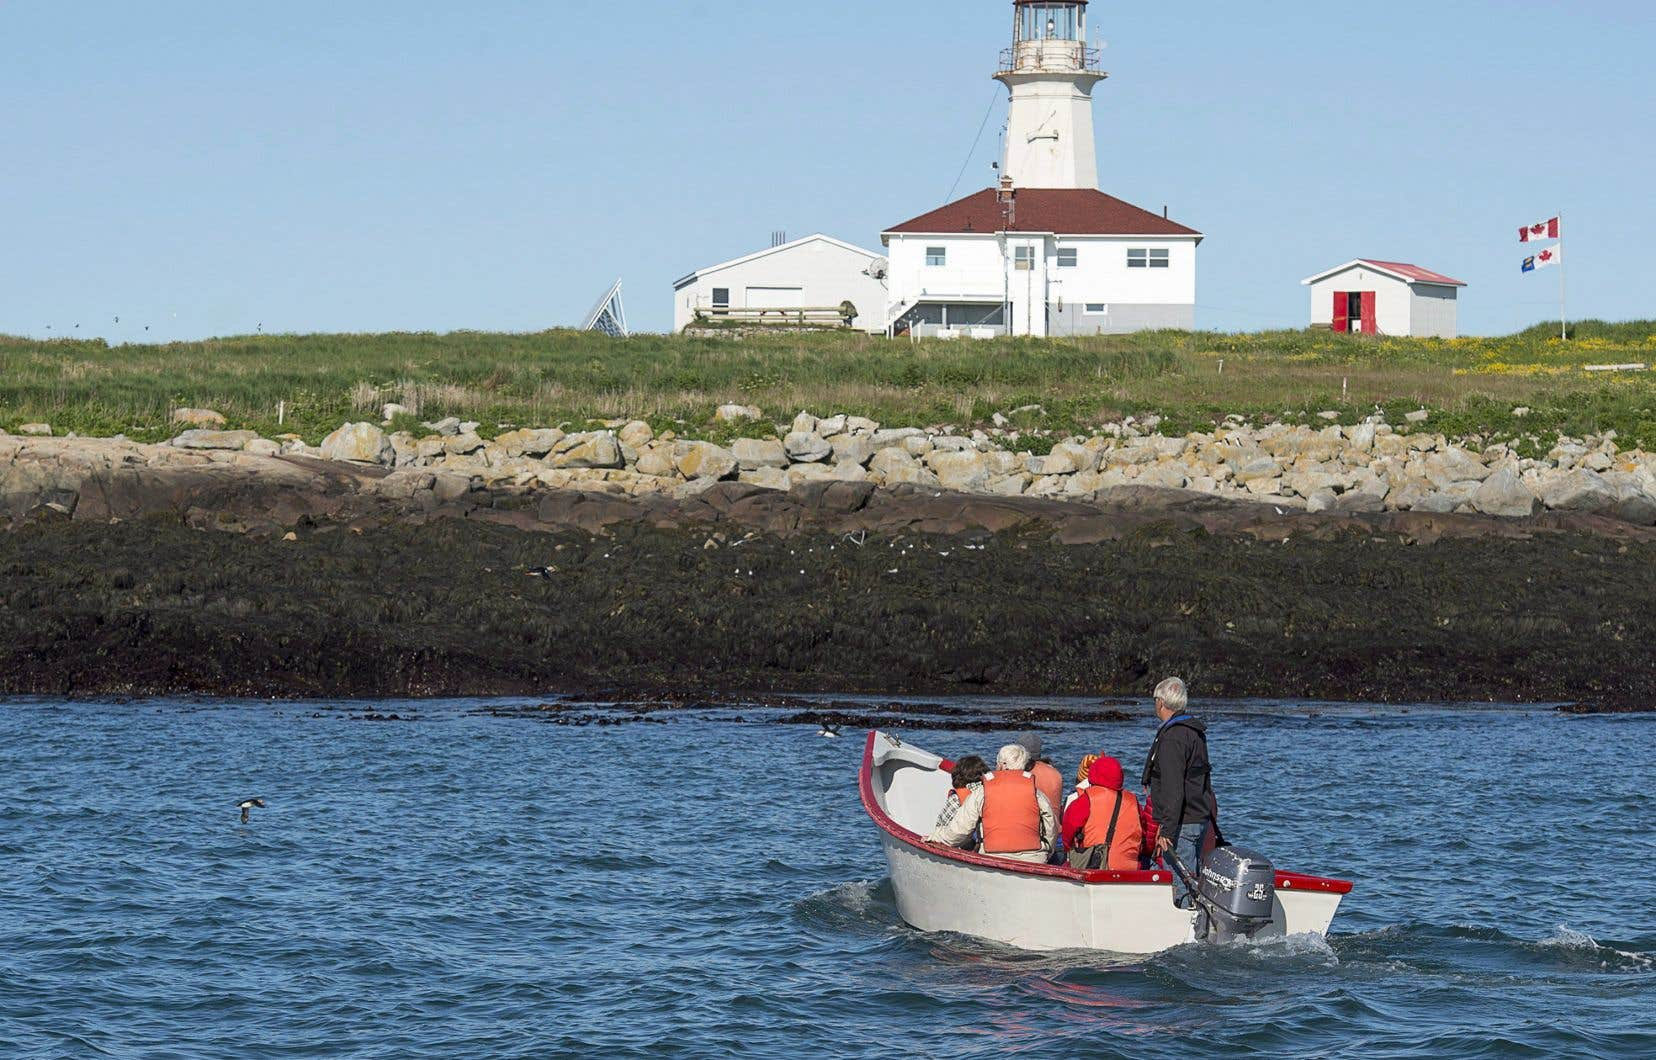 <p>L'incident s'est déroulé le 24juinau large de l'île Machias Seal,dont la souveraineté canadienne est contestée par Washington.</p>